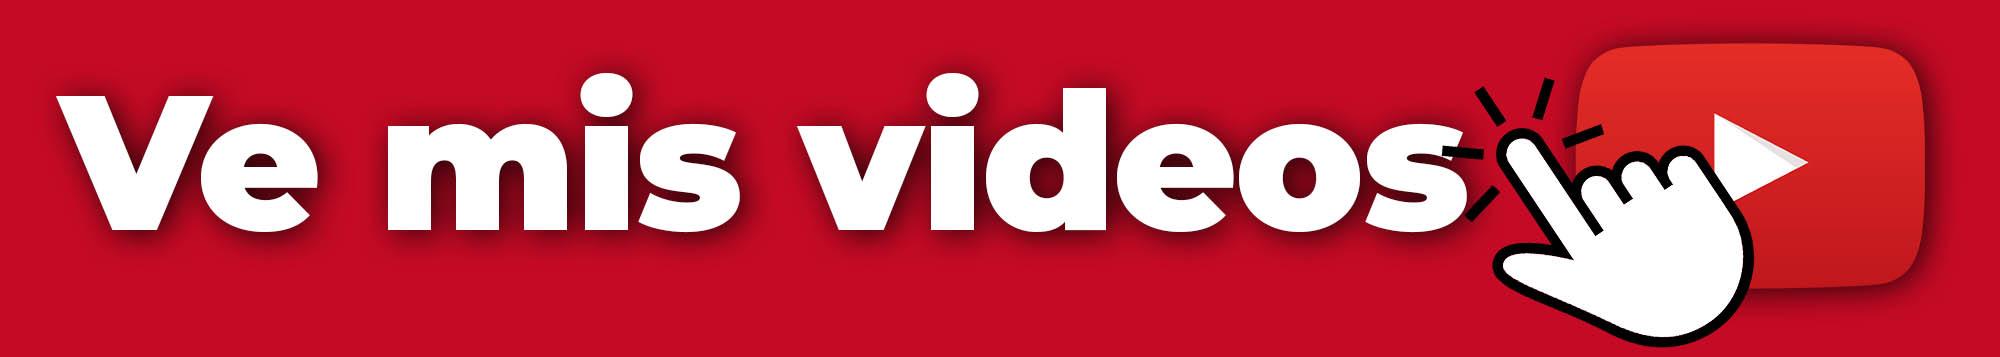 Ver más videos